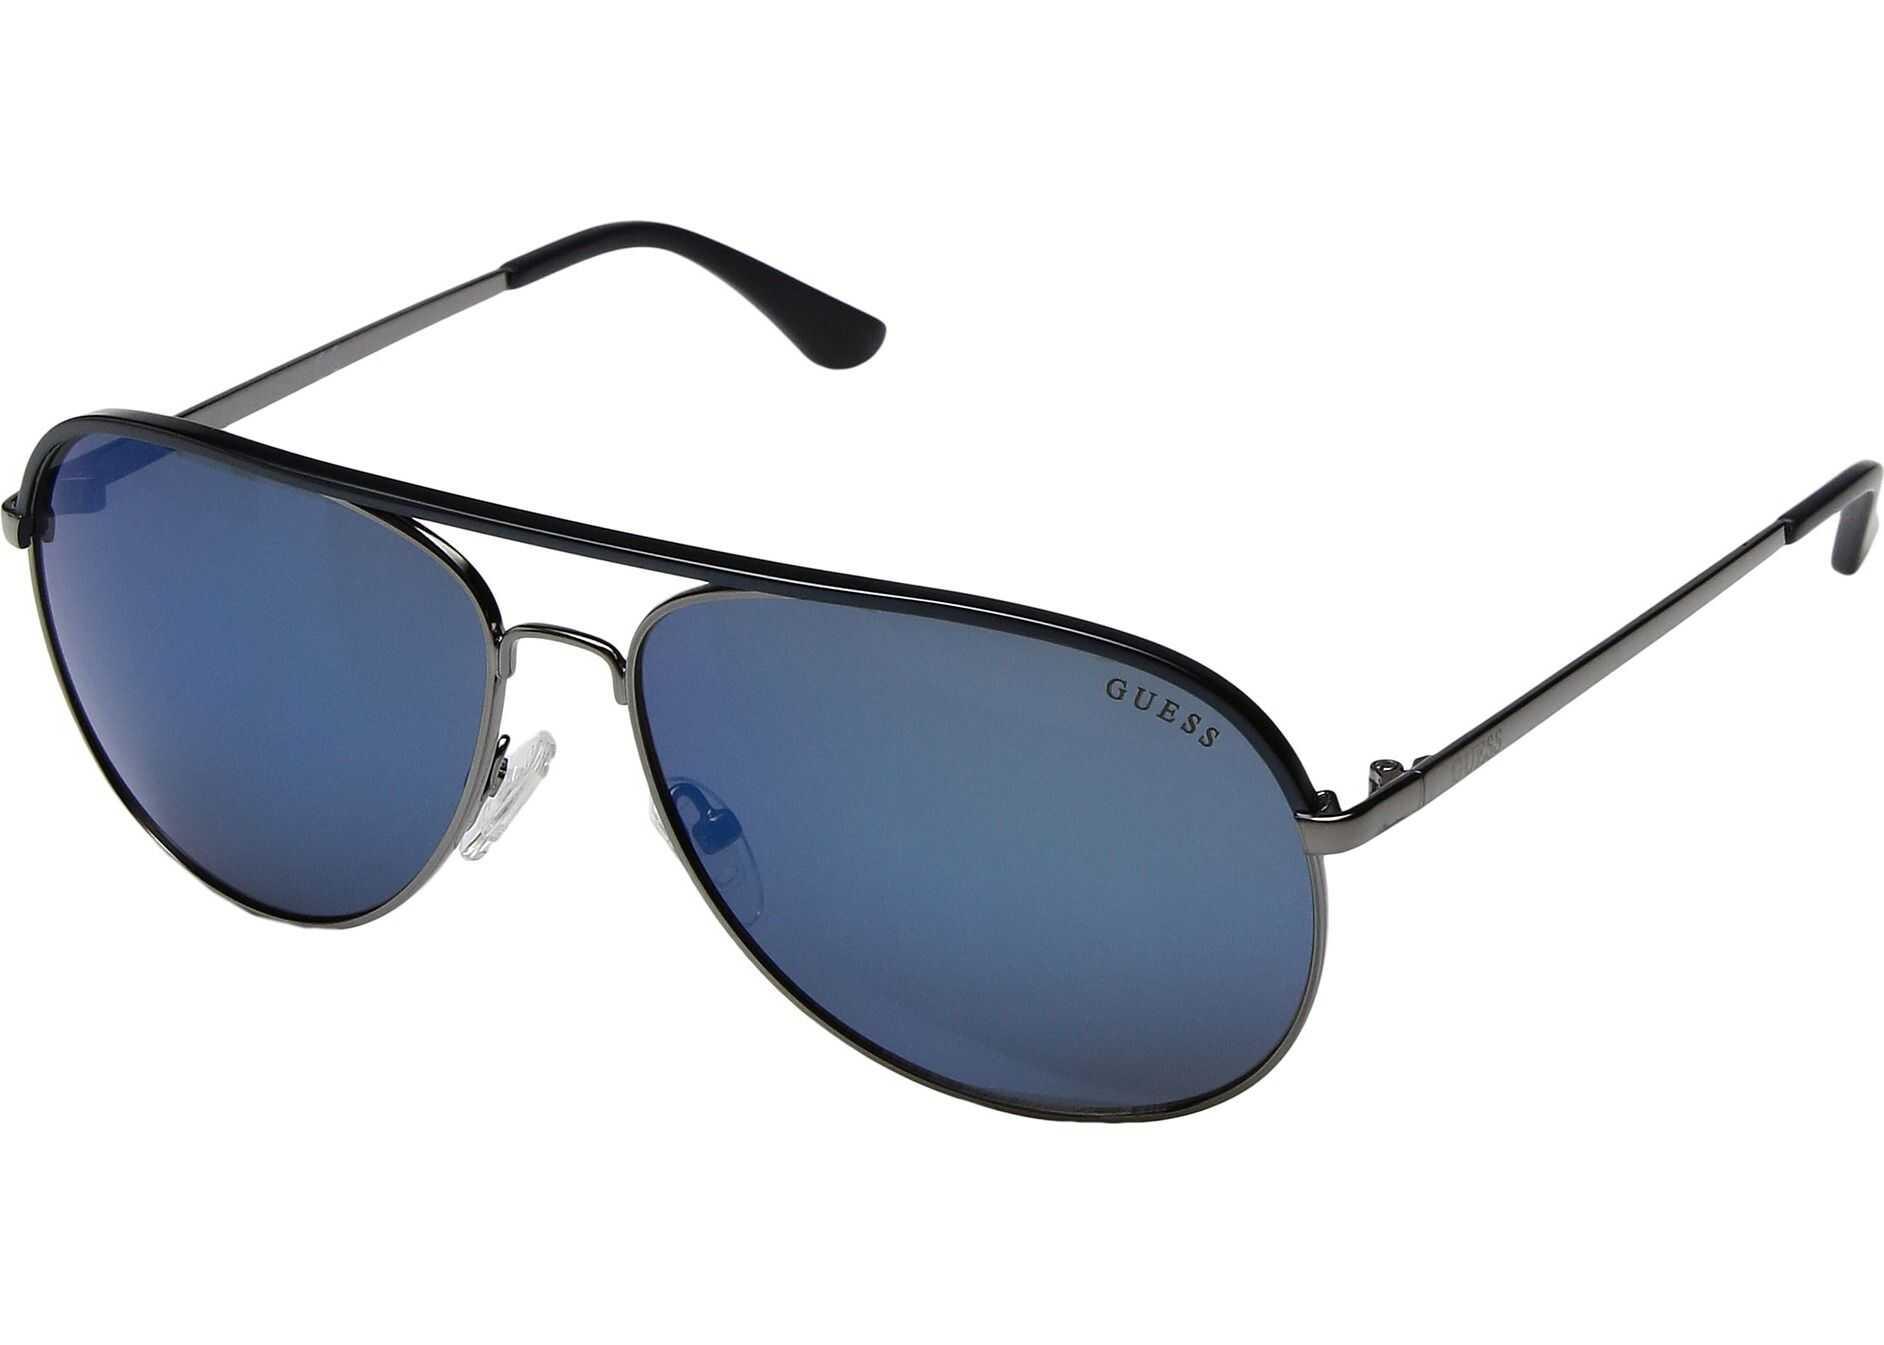 GUESS GF5013 Gunmetal/Blue/Blue Mirror Lens